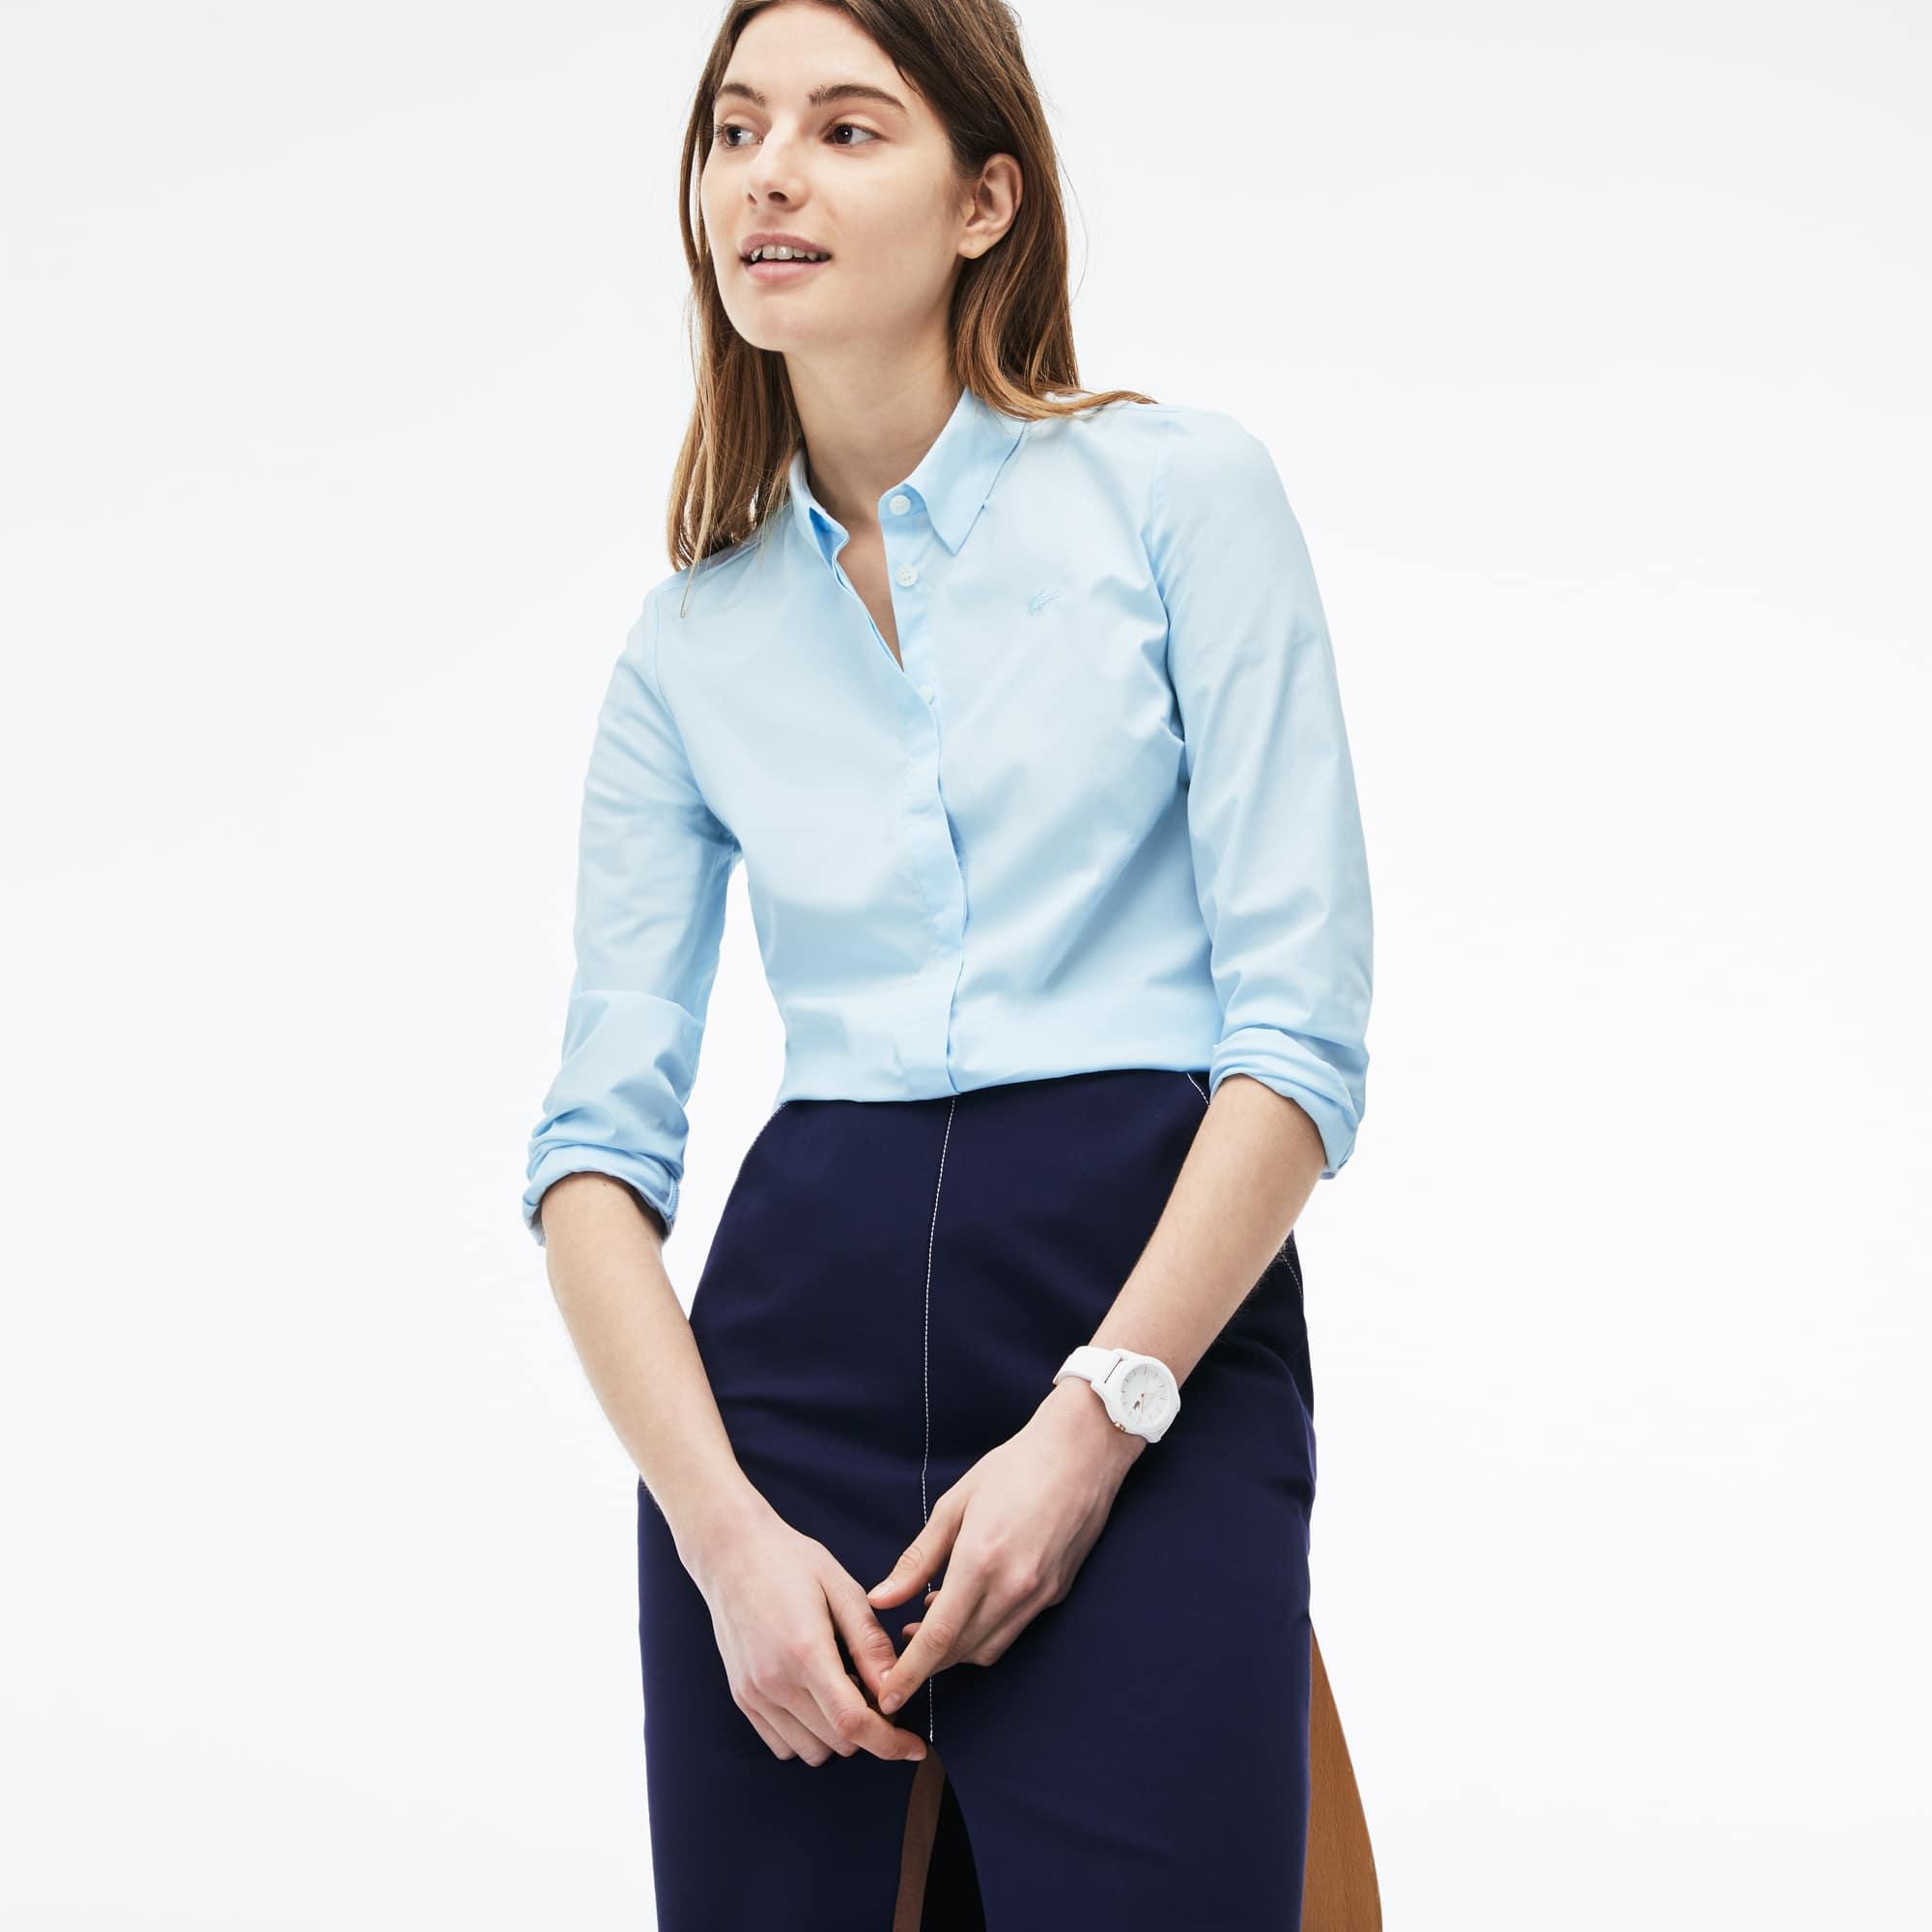 amp; Chemises Hauts Femme Lacoste Vêtements d6Y6Rx